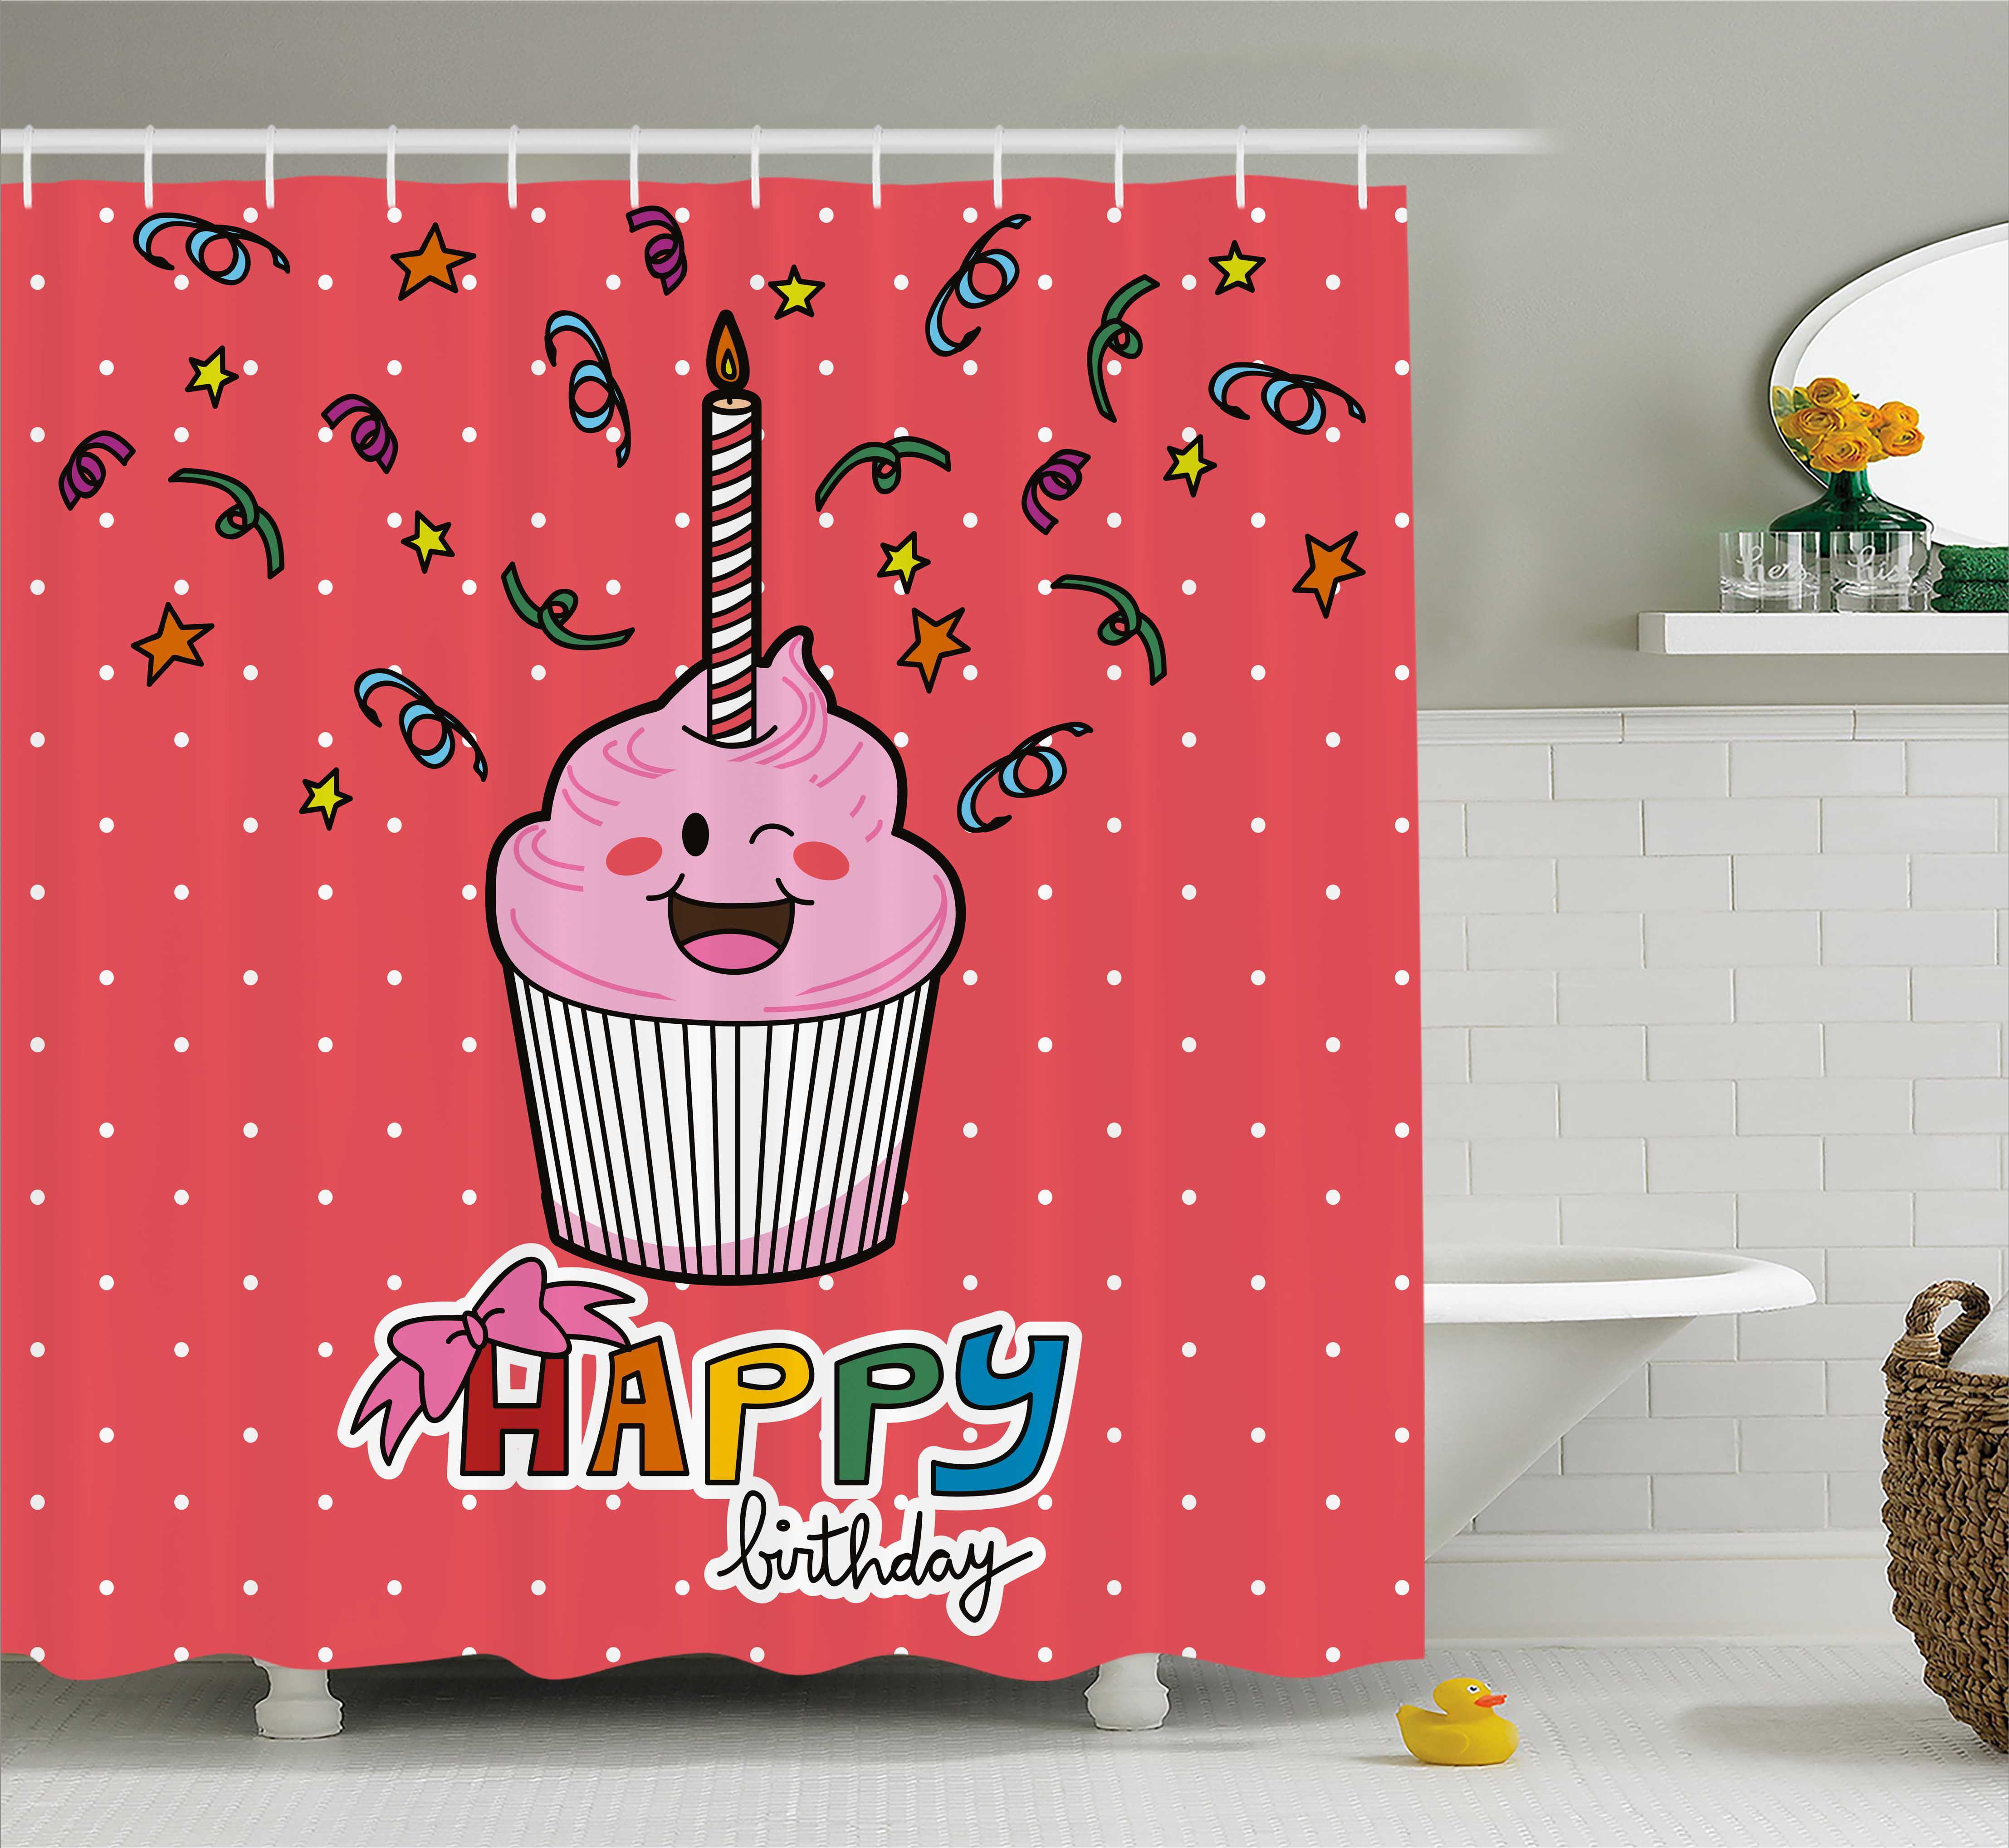 Birthday Shower Curtain, Pink Strawberry Flavor Cupcake w...